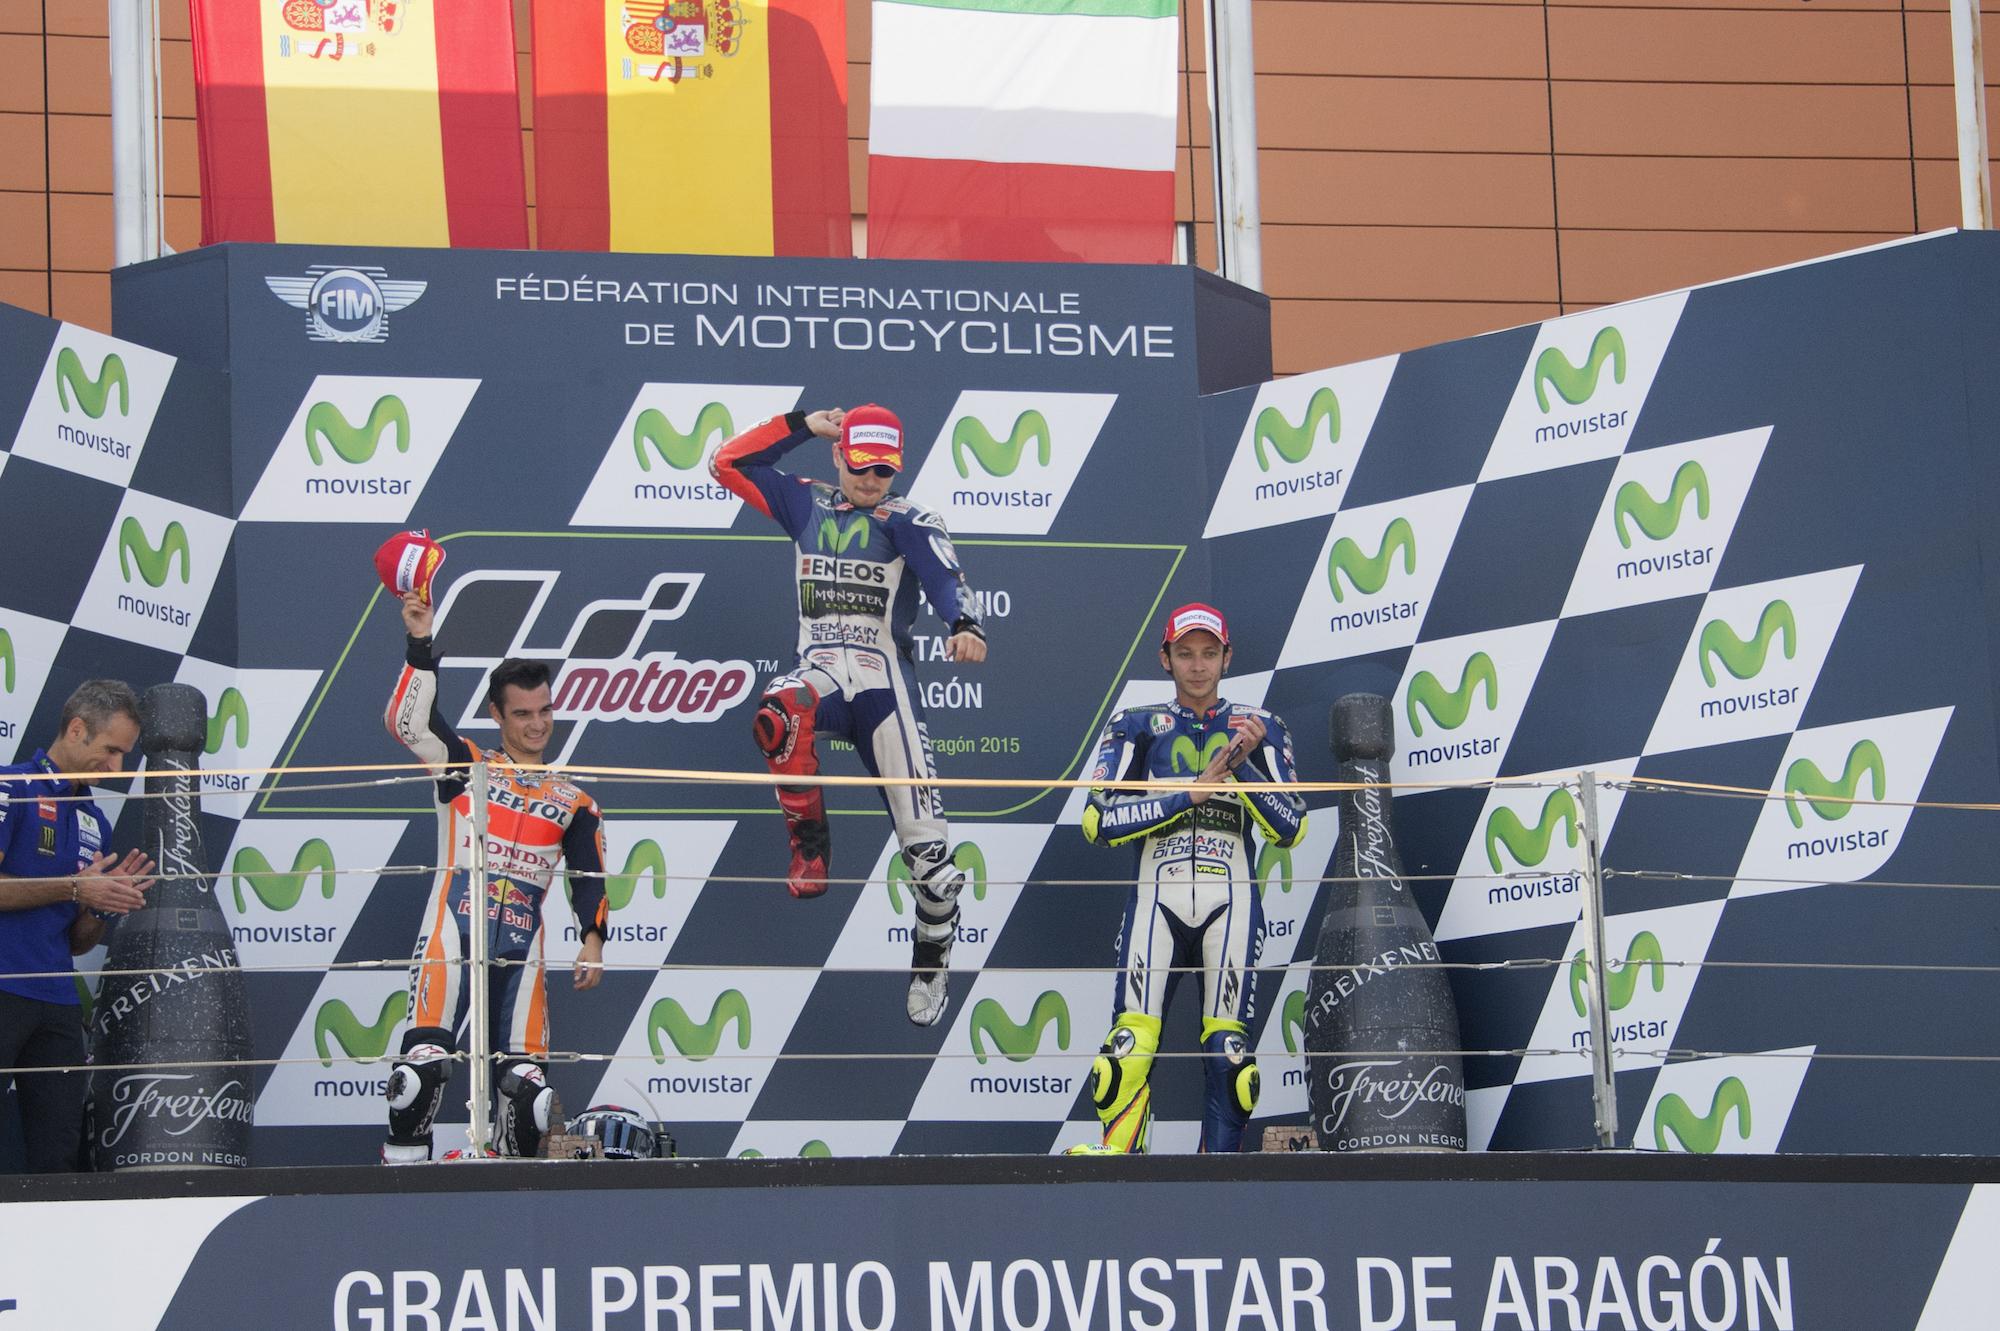 Il podio del Gran Premio di Aragon: da sinistra, Dani Pedrosa, Jorge Lorenzo e Valentino Rossi